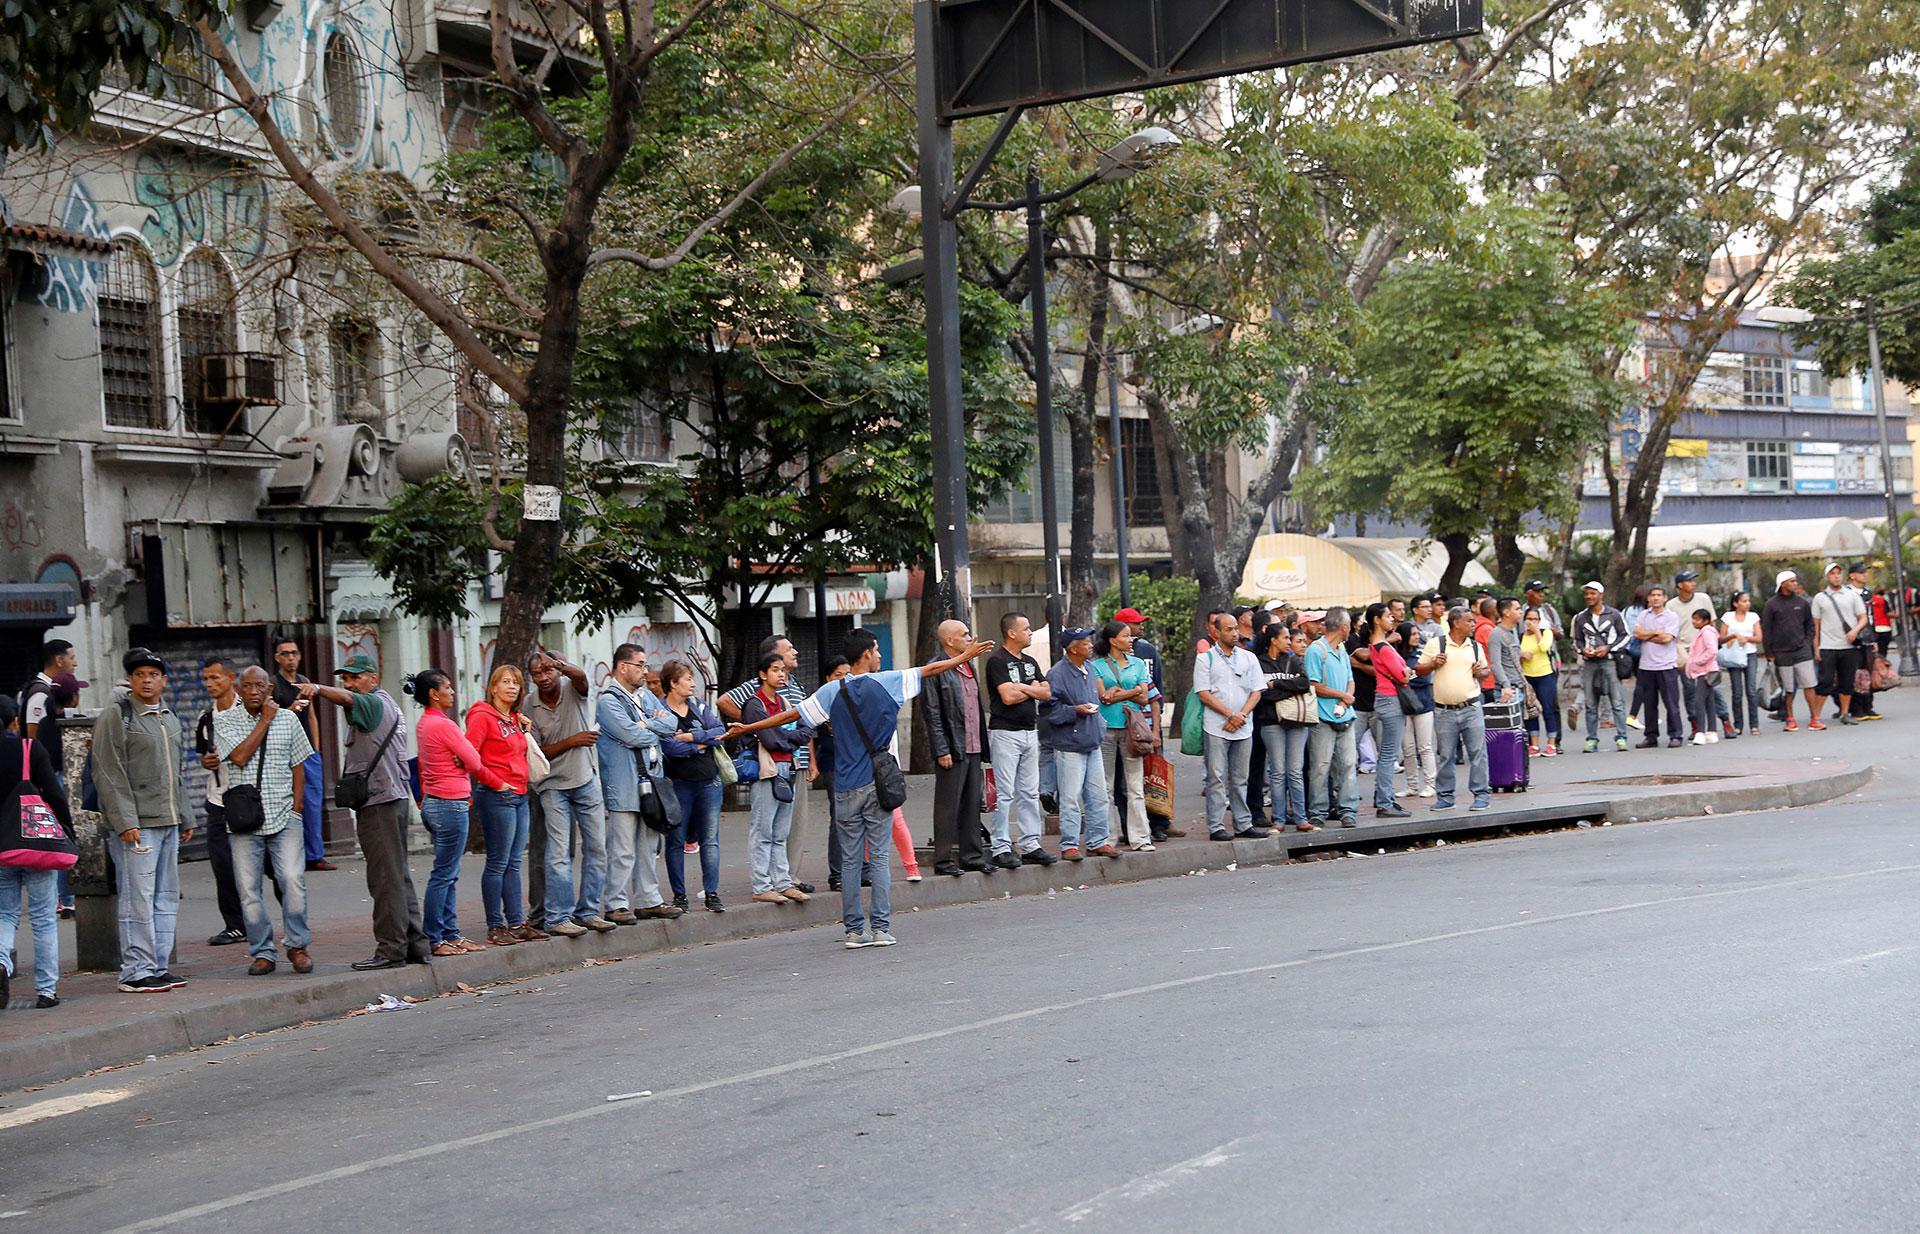 El apagón afectó el servicio de metro en caracas y esta mañana, aún sin energía, decenas de personas hacían fila para tomarse un autobús en Caracas